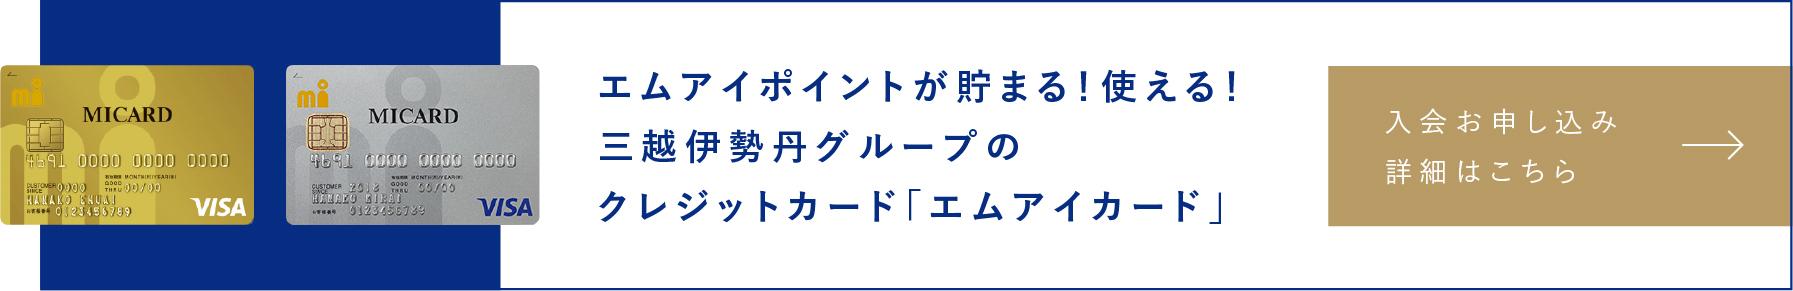 三越伊勢丹グループのクレジットカード「エムアイカード」